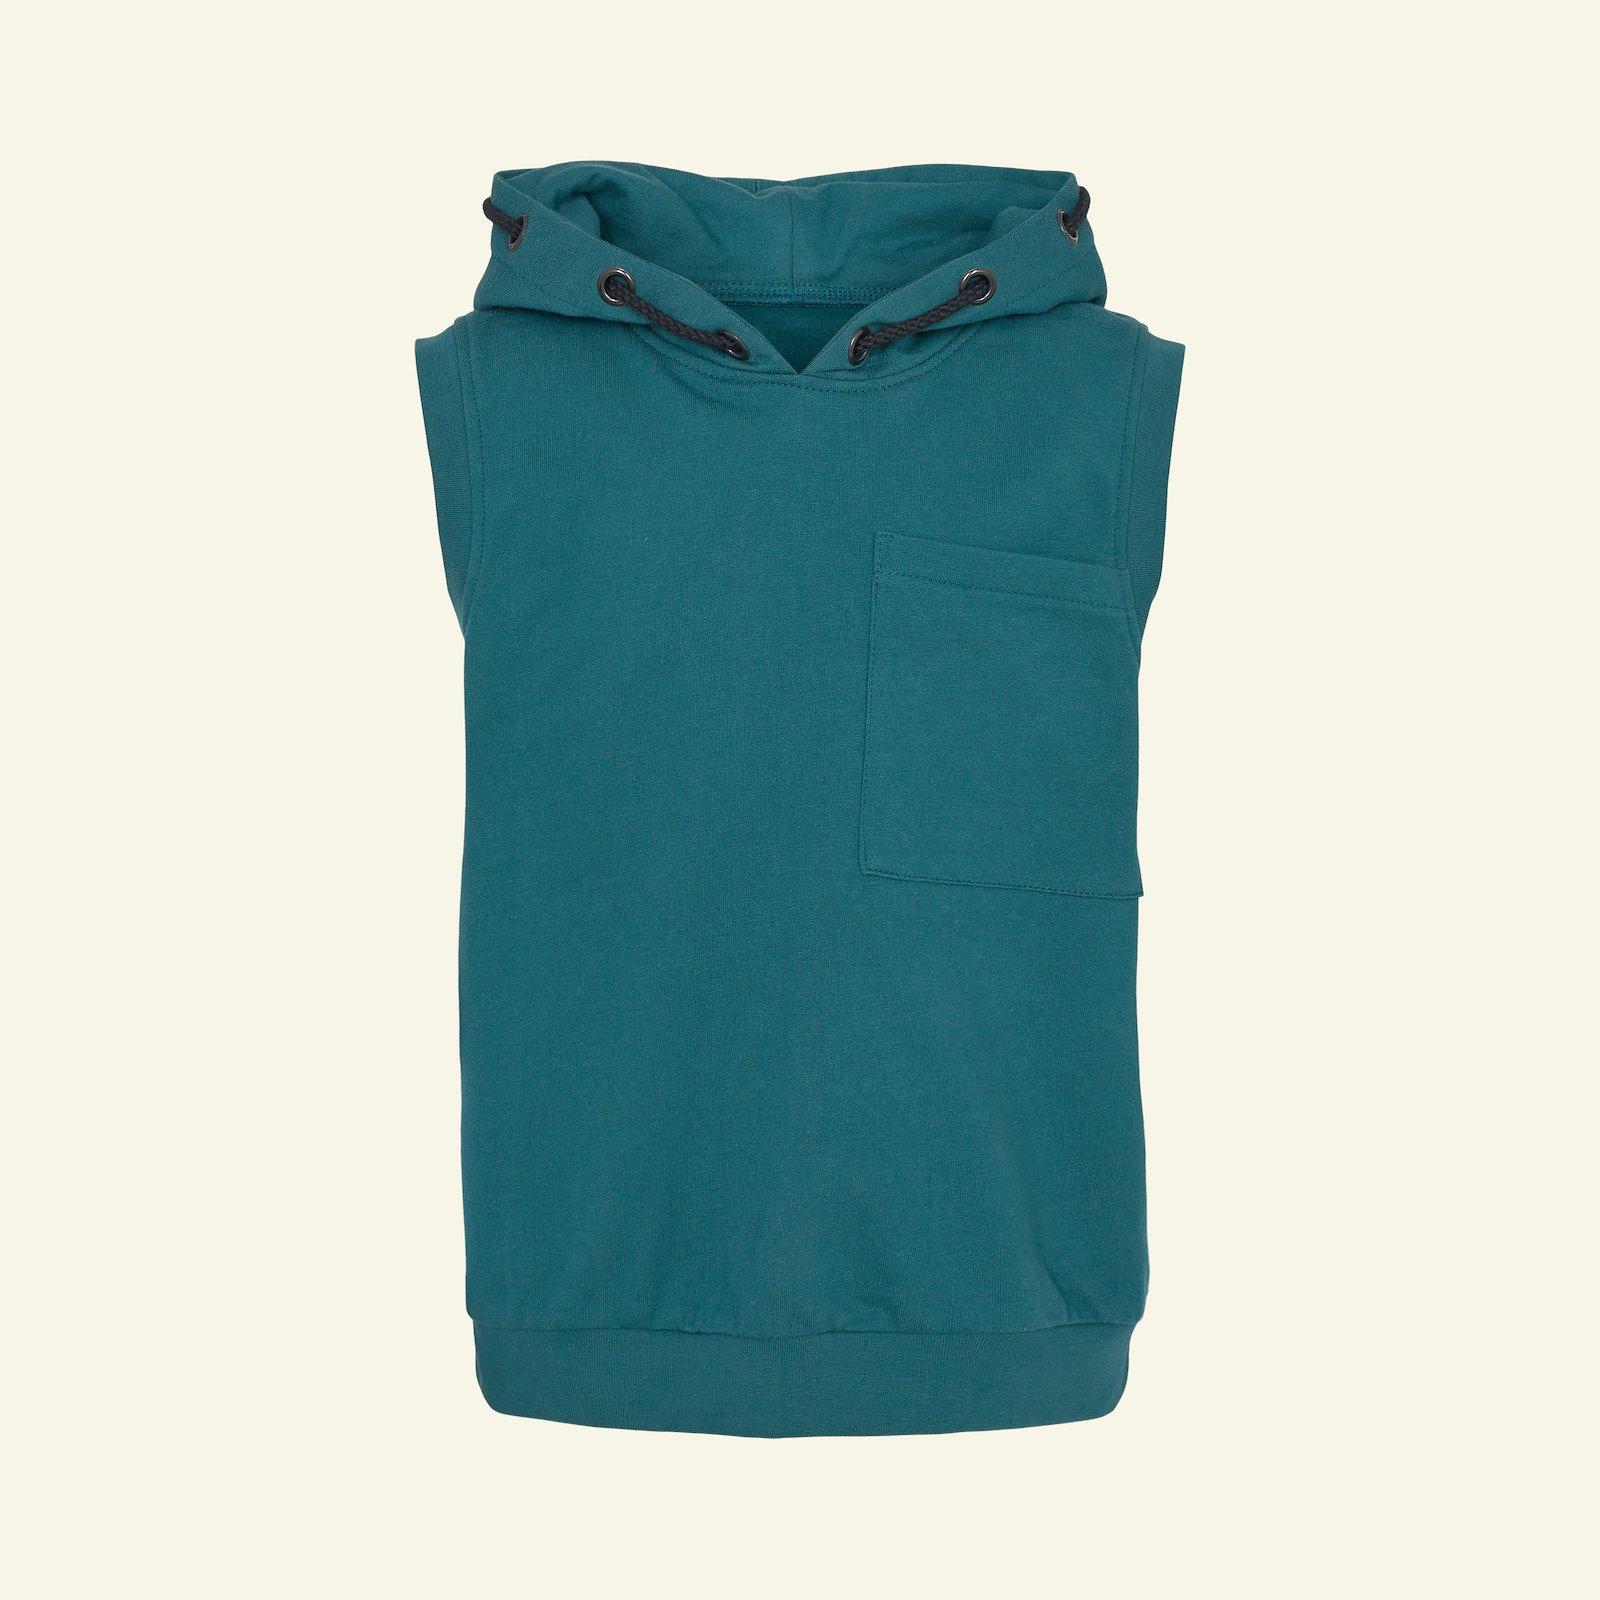 Hoodie waistcoat, 152/12y p62021_211775_75243_sskit